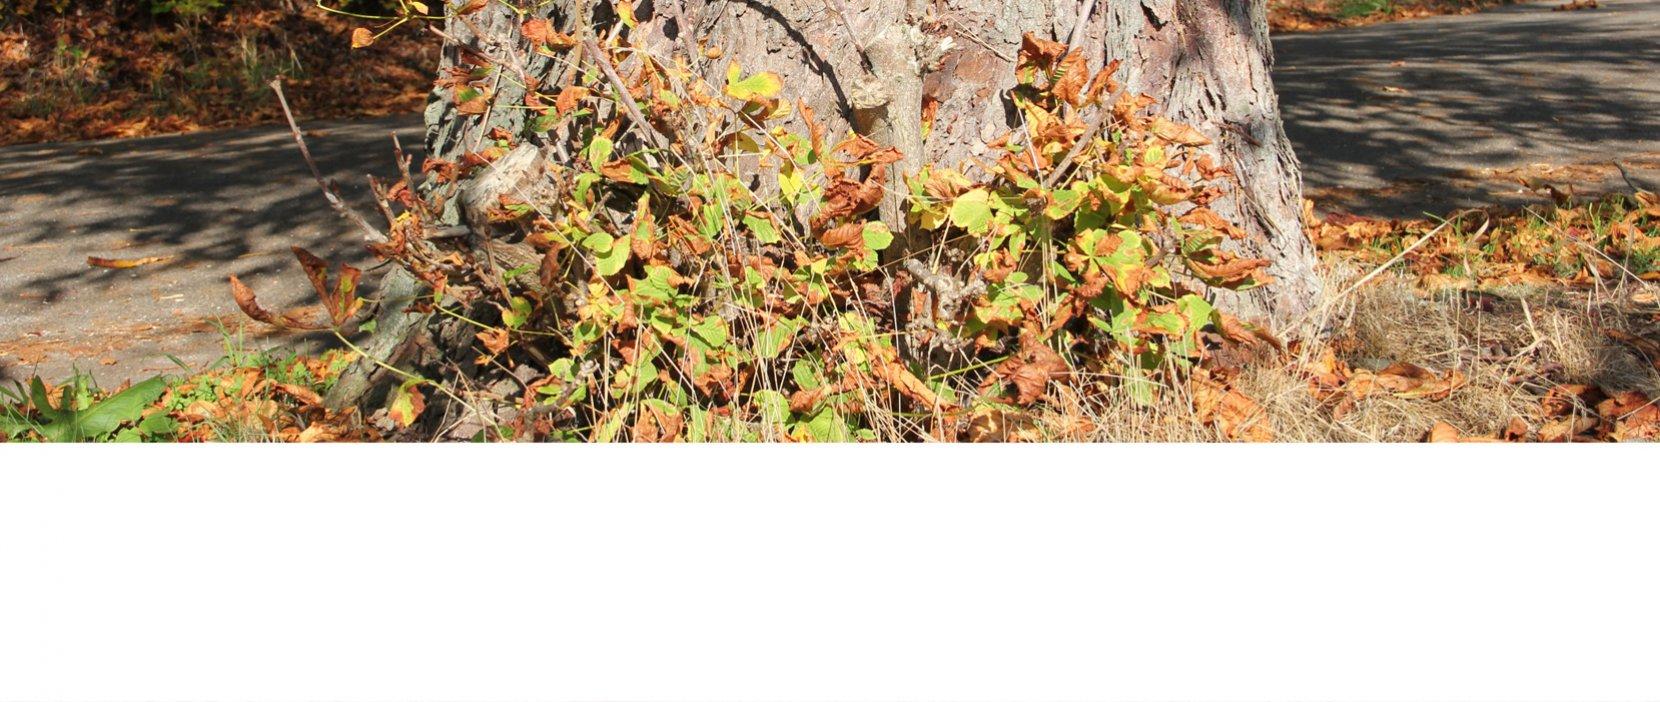 Træstub omgivet af grene med visne blade